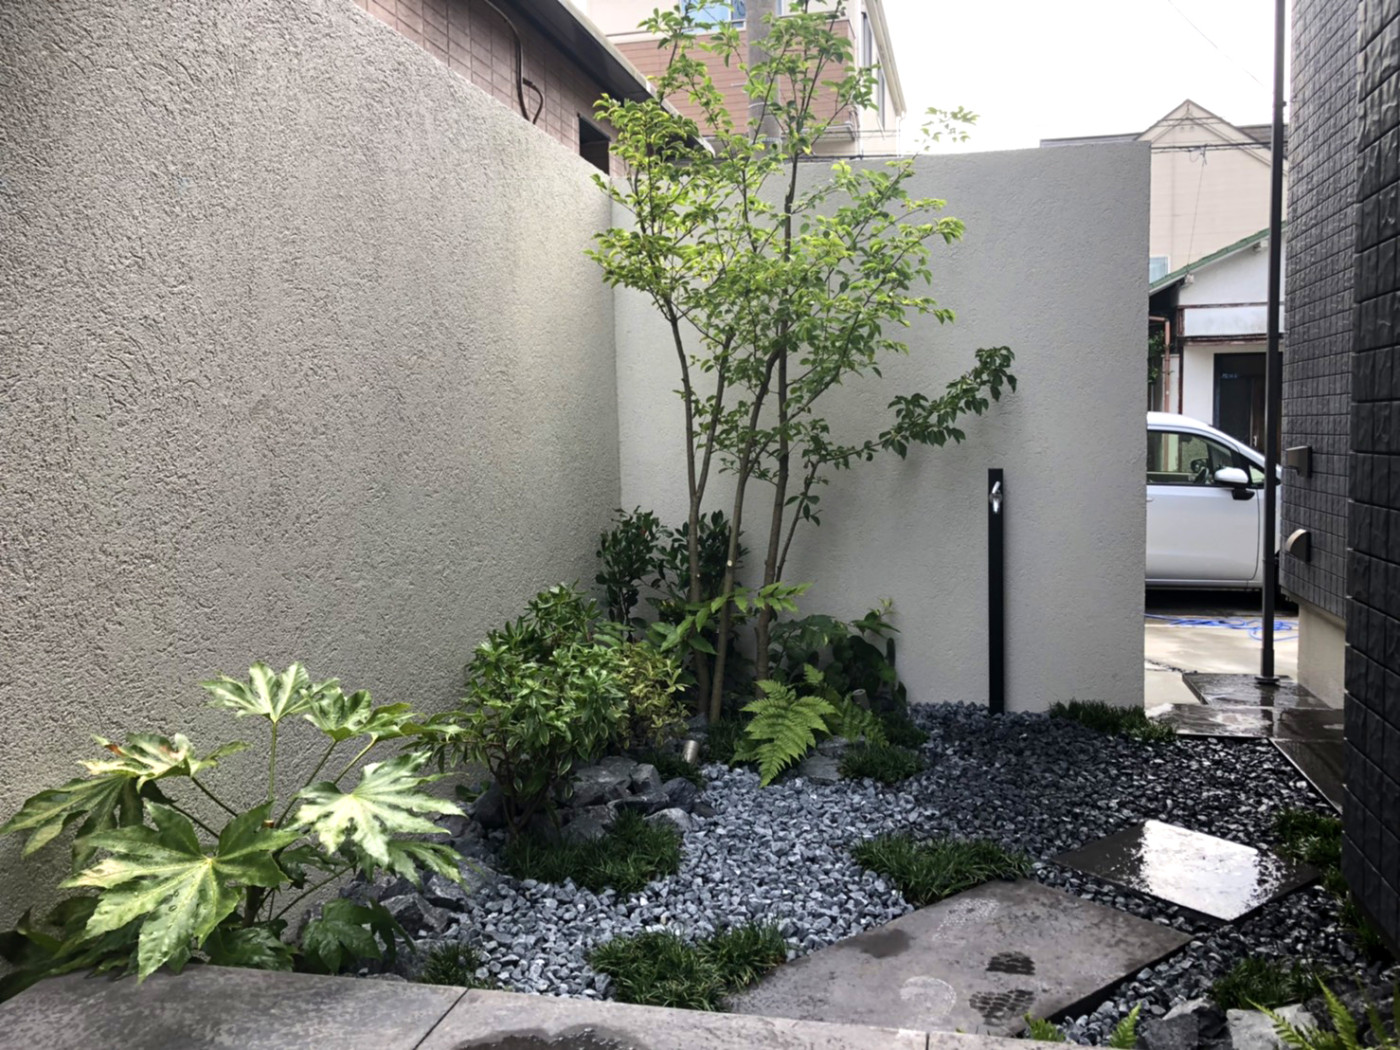 神奈川県 株式会社 琴美建設 グランドアートウォール施工イメージ3258_01